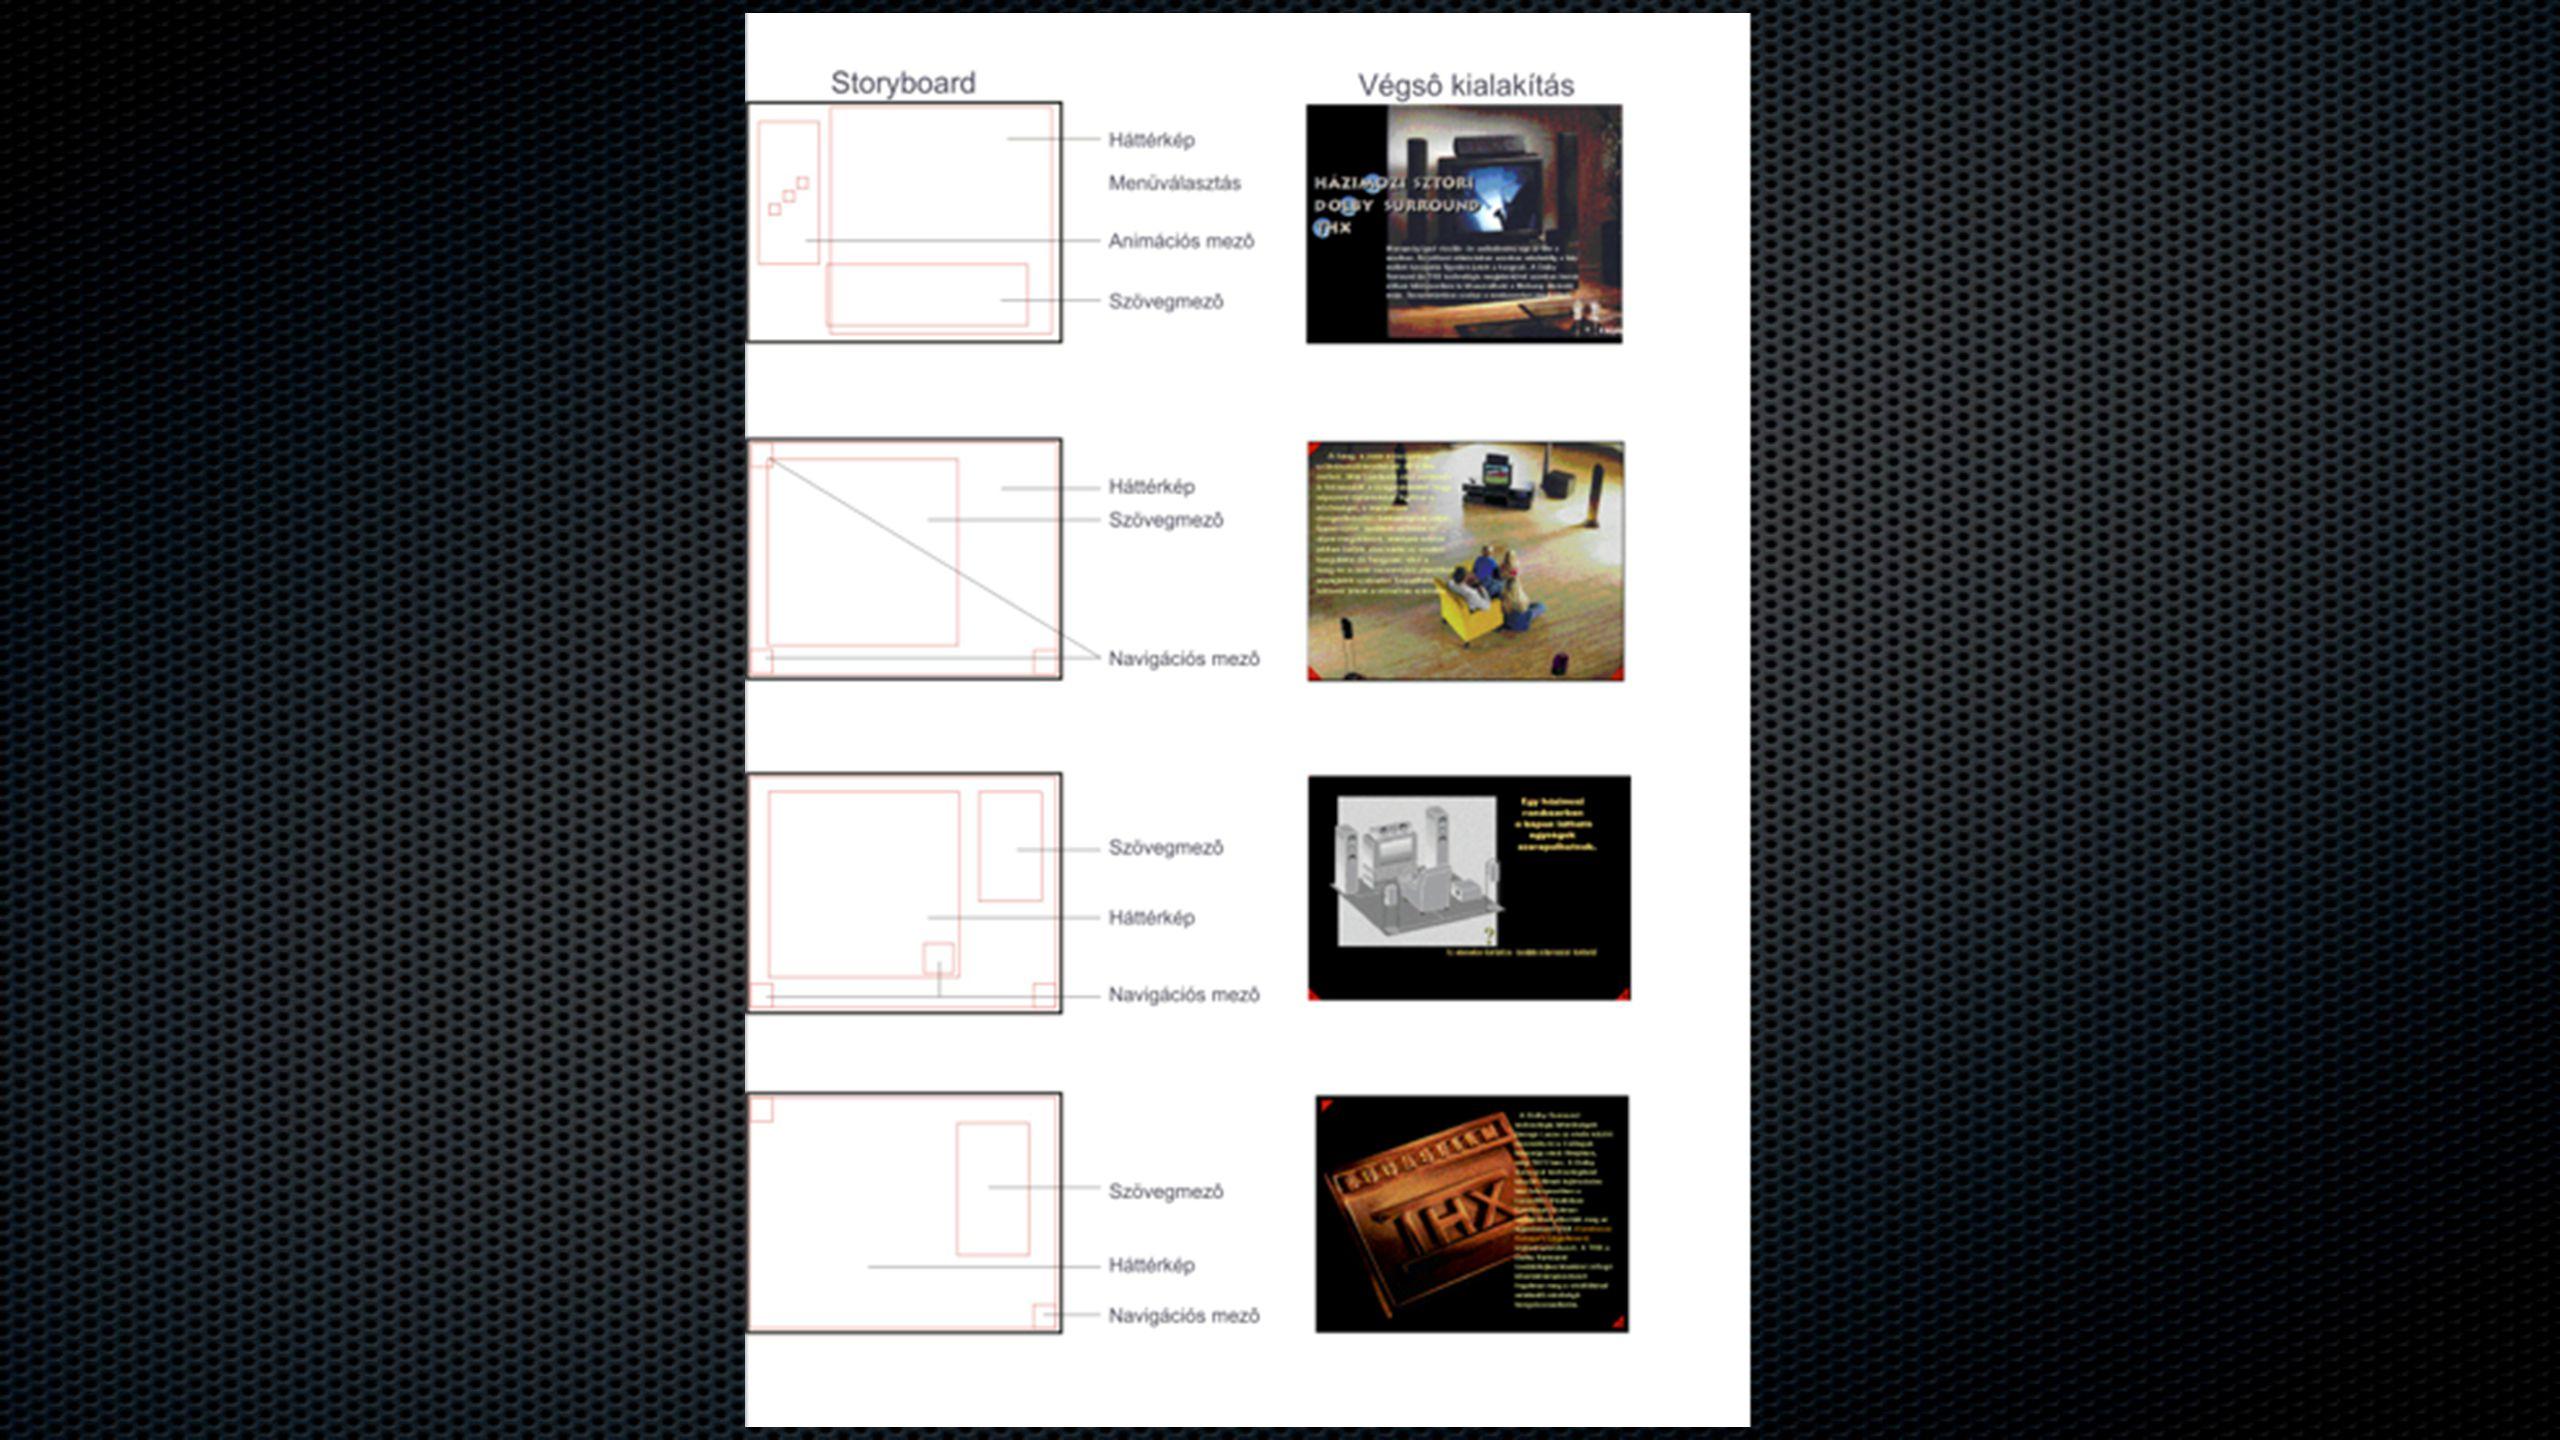 Multimédia-fejlesztő rendszerek Típusai: •Időalapú: (Adobe Director) •Folyamatalapú: Adobe Authorware •Oldal (frame) alapú: Noebook for Windows •Programozási nyelv alapú: Visual Basic; Borland Delphi; Java •Könyv alalpú: iBook Author